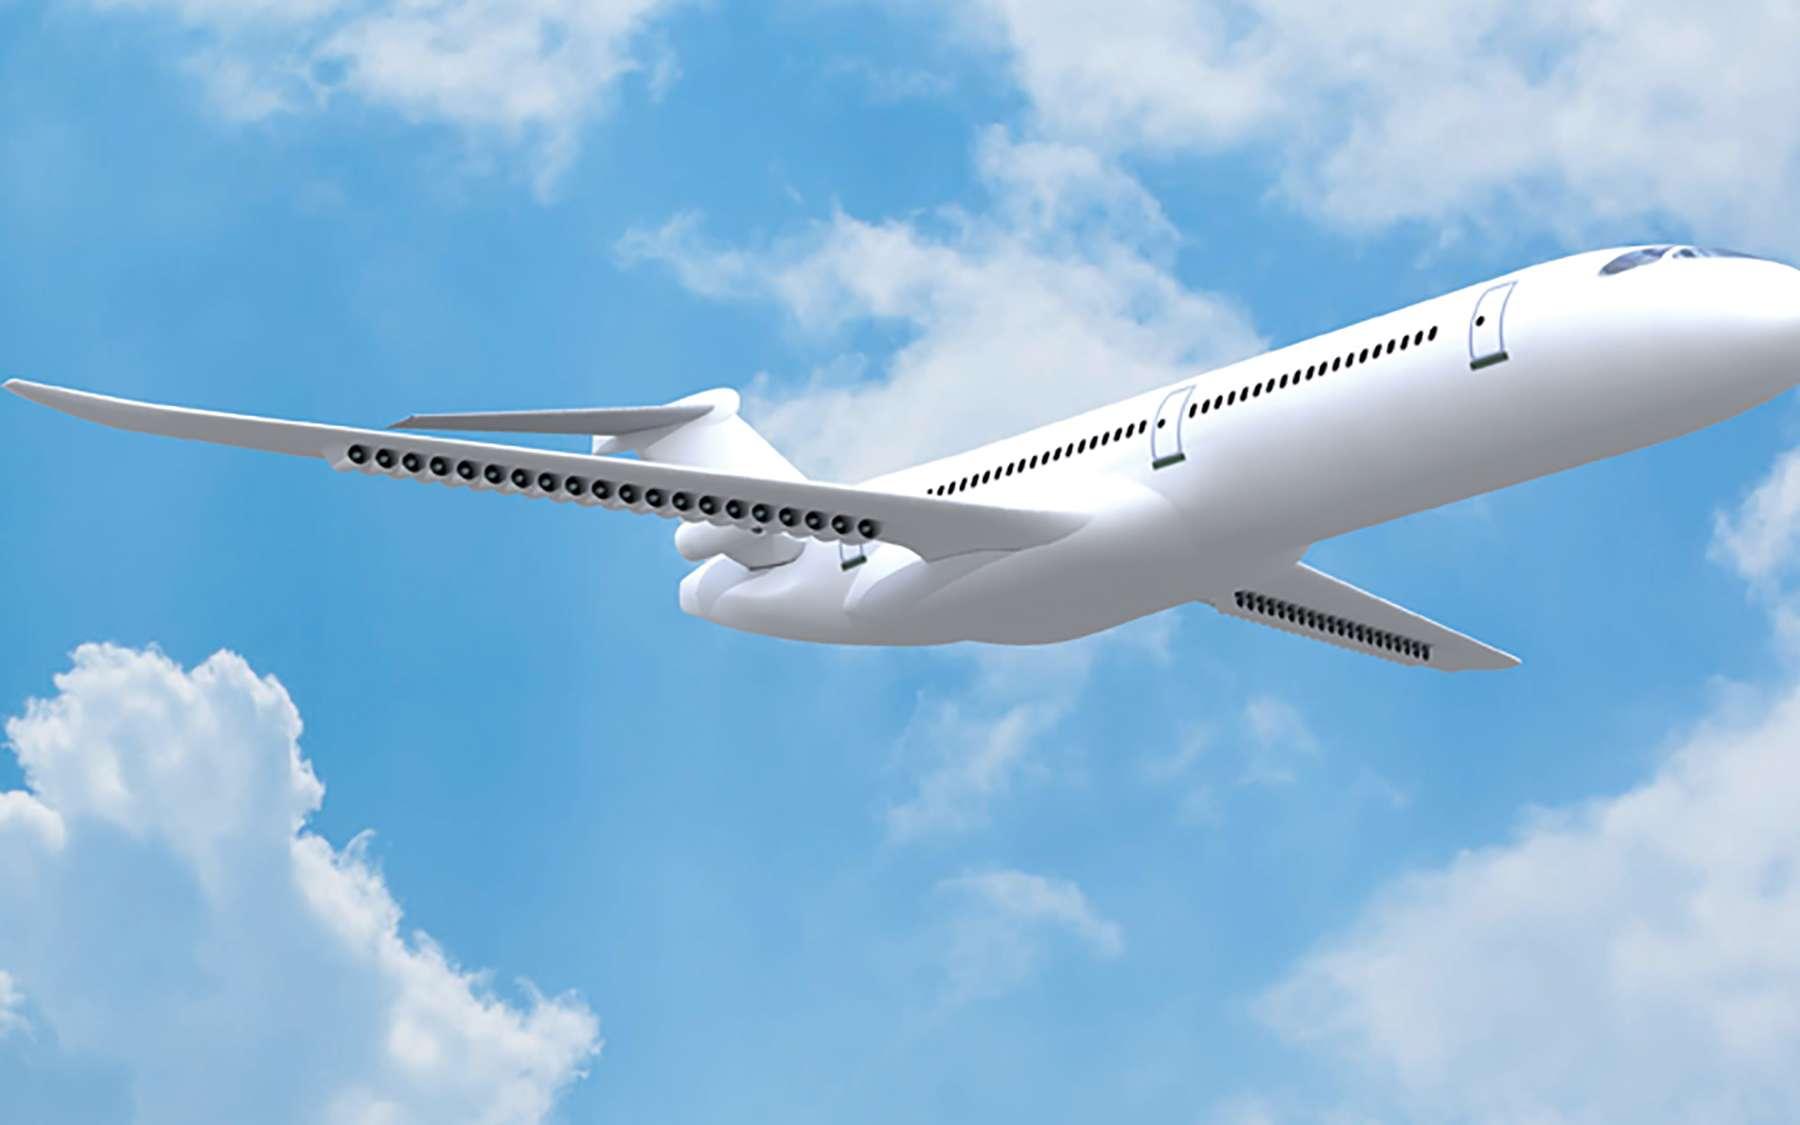 Vue d'artiste du concept Dragon qui permet d'évaluer les avantages et inconvénients de la propulsion distribuée pour un avion de ligne. © Onera